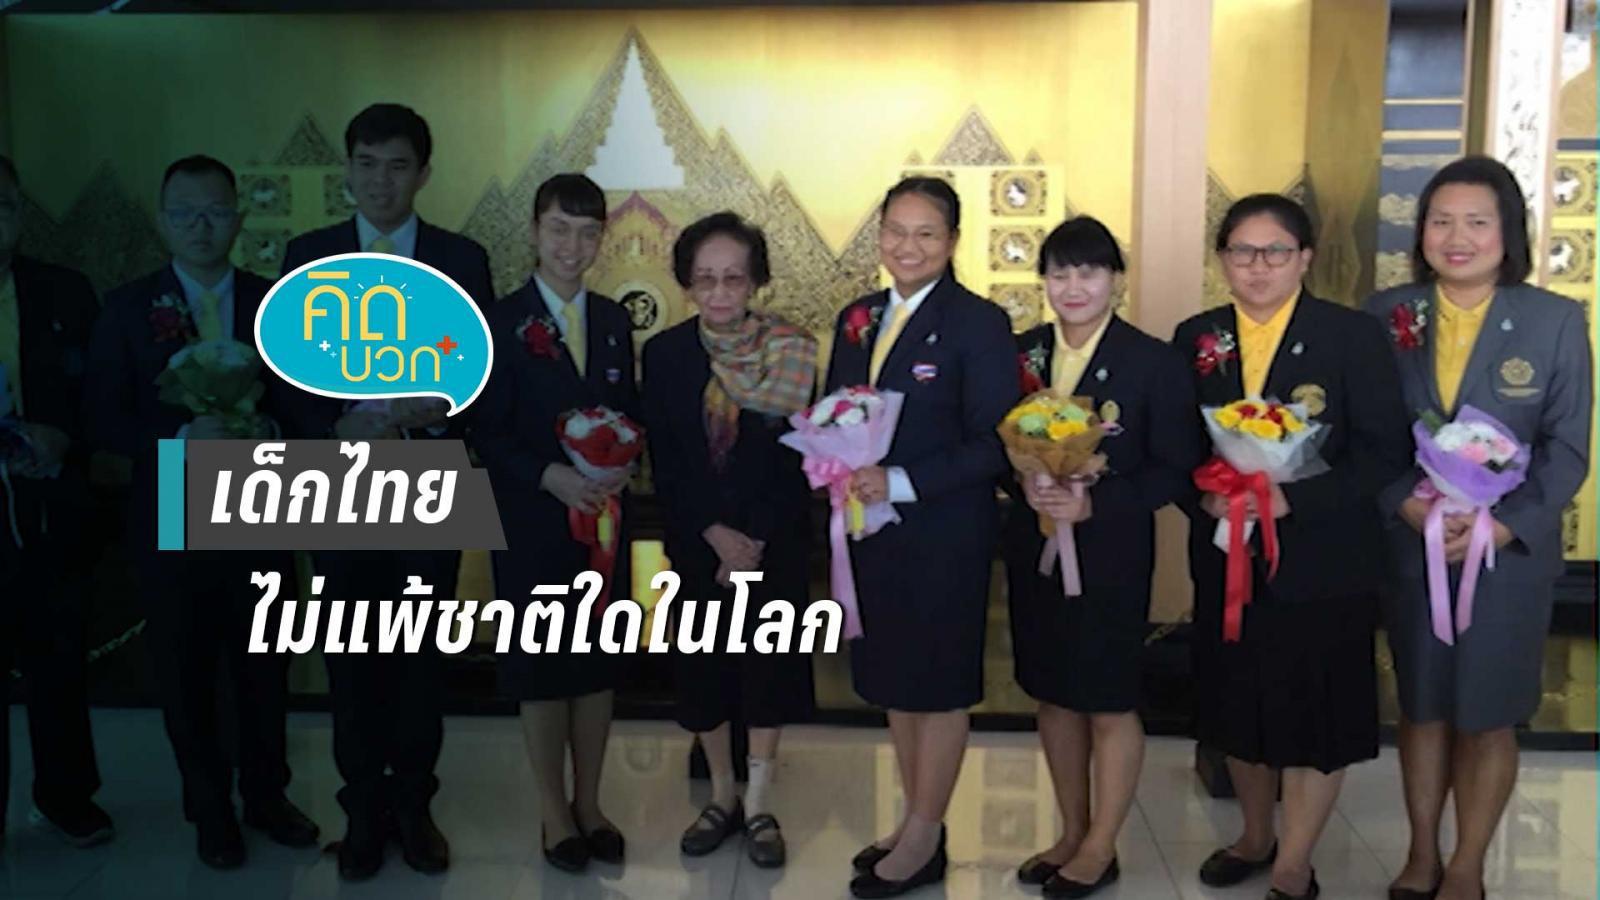 เด็กไทยไม่แพ้ชาติใดในโลก